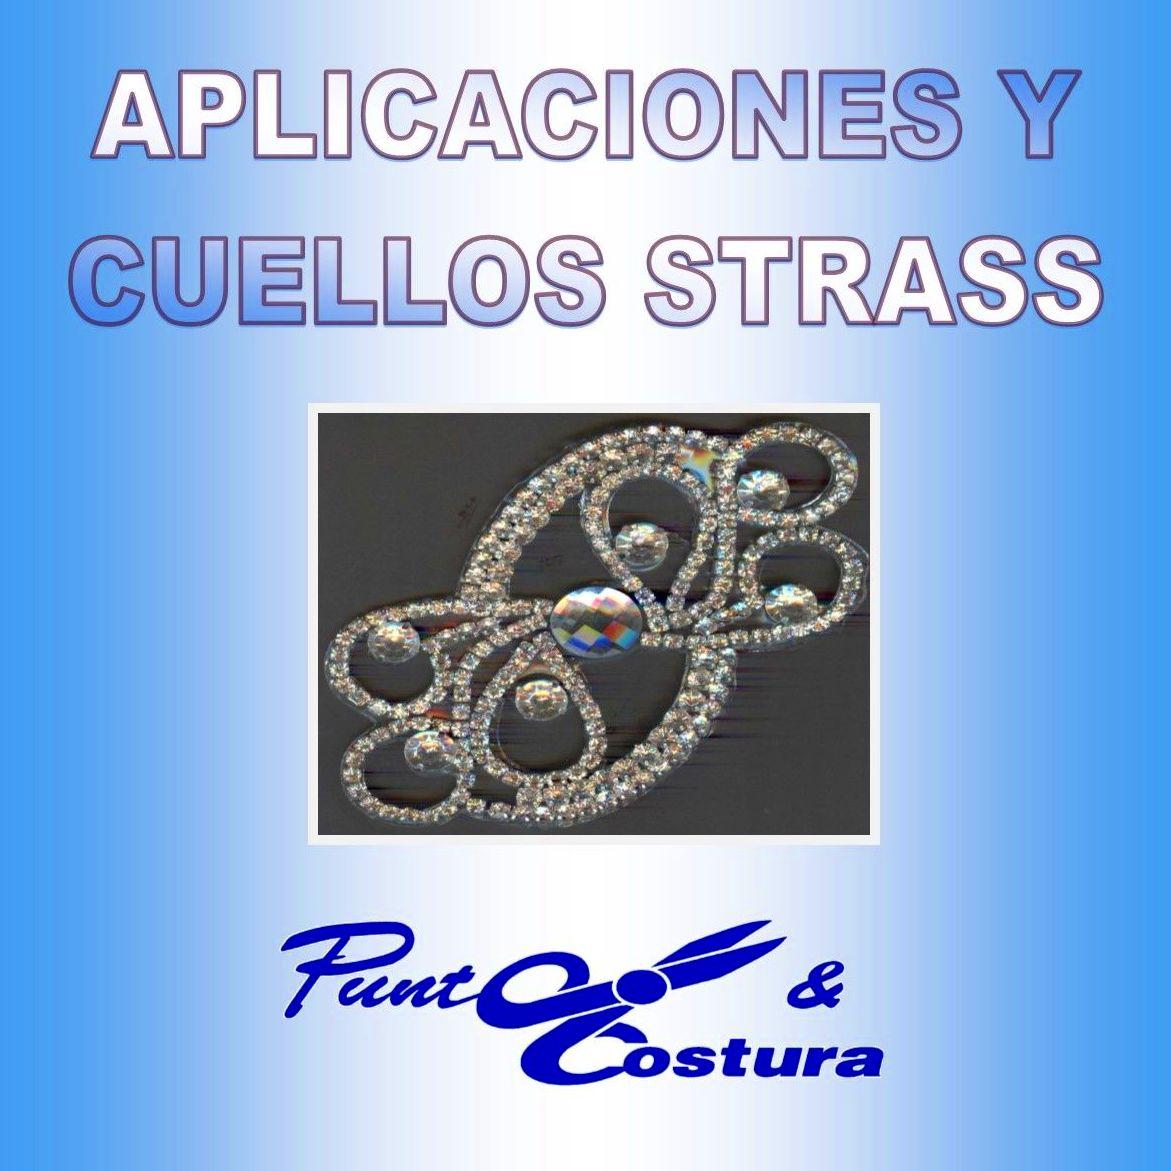 Aplicaciones Strass: Catálogo de Punto & Costura